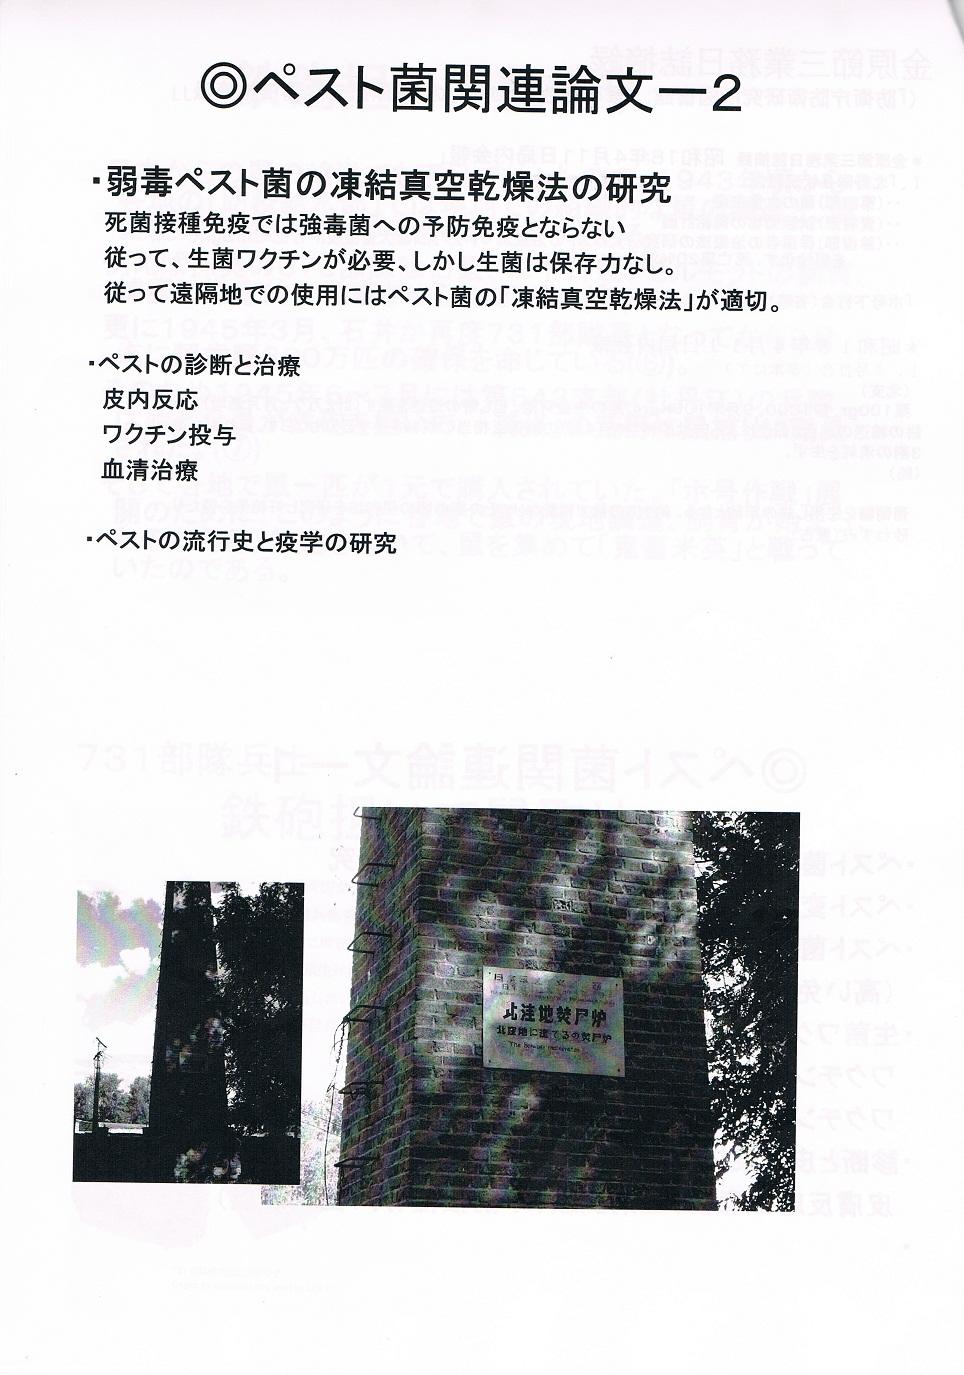 731部隊の焼却炉 - コピー